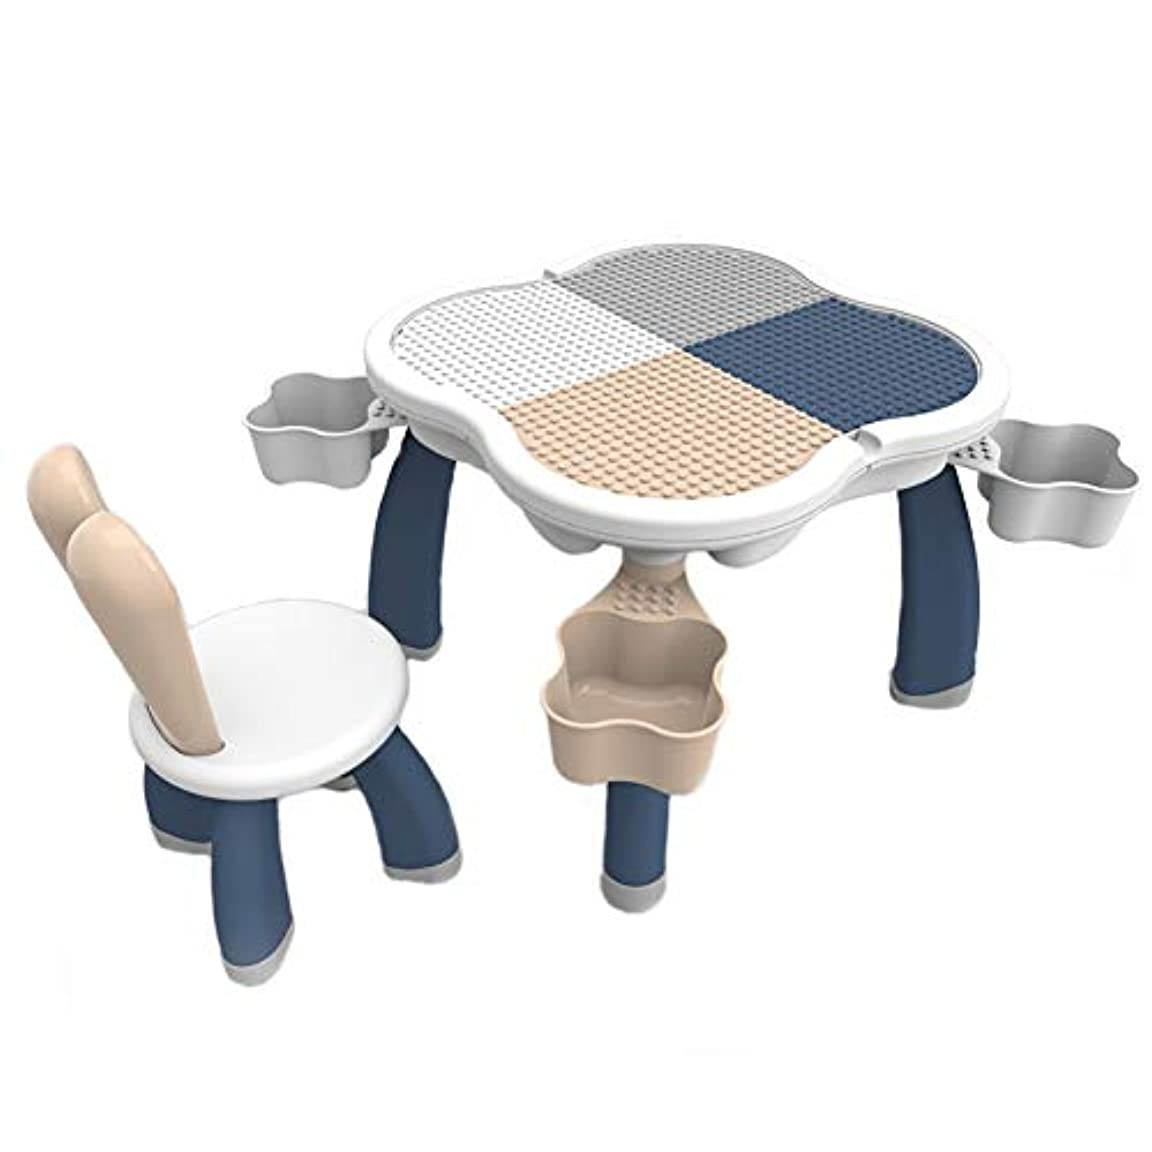 仲良し感謝ドナウ川子供のビルディングブロックテーブル、多機能パズルゲームテーブルスタディテーブルダイニングテーブルおもちゃ収納テーブル120kg